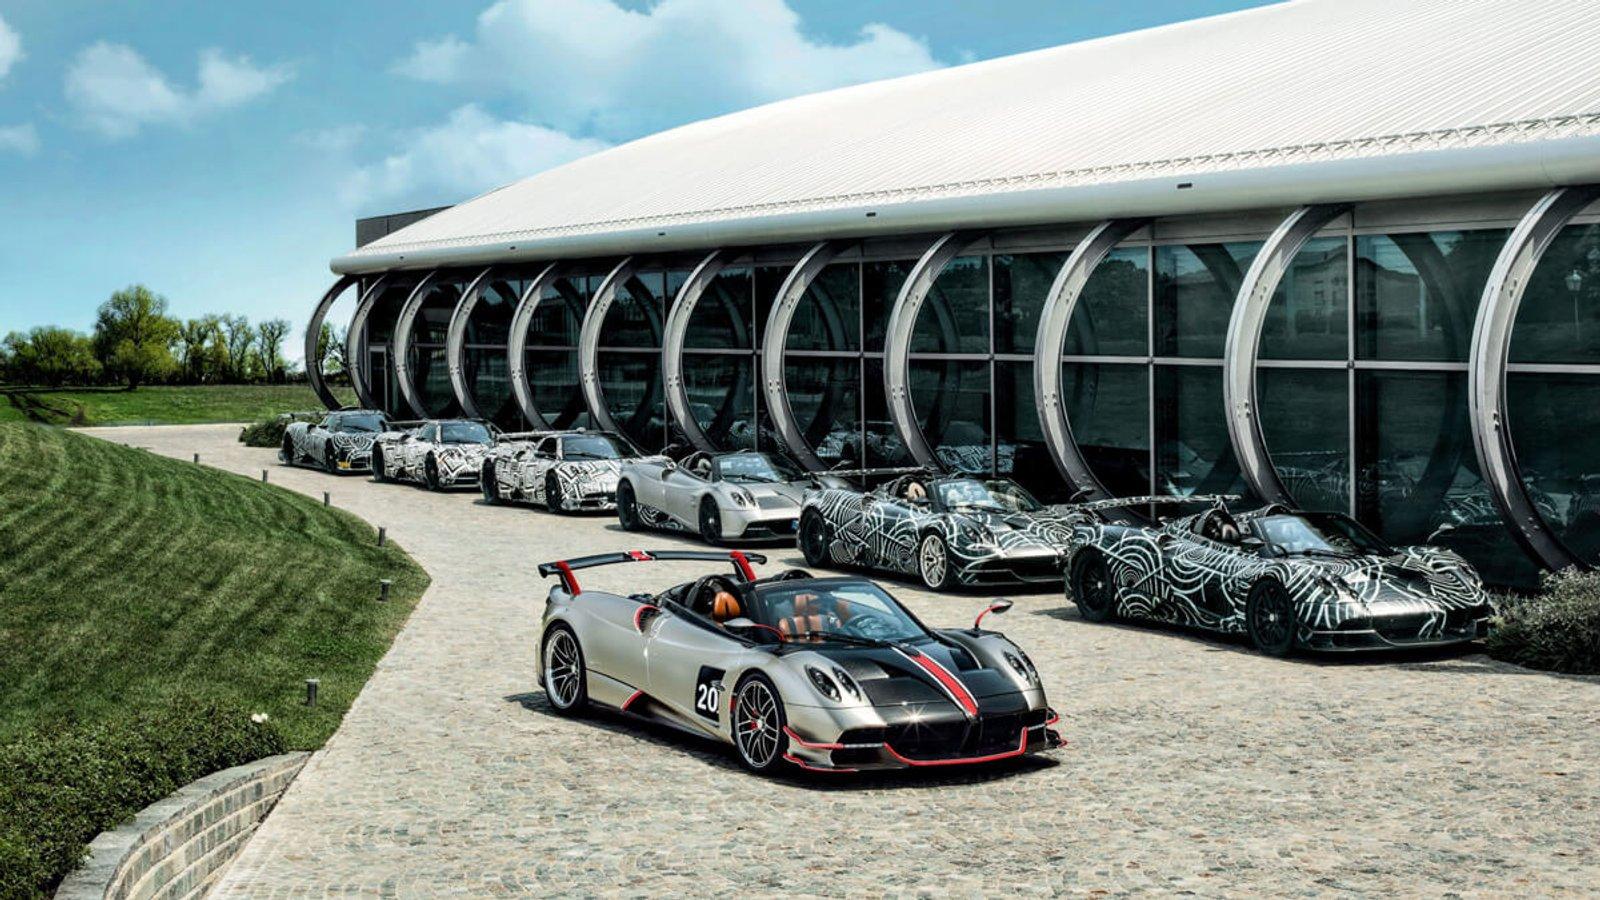 Подорожуйте, залишаючись вдома: віртуальний тур 15 автомобільними музеями світу